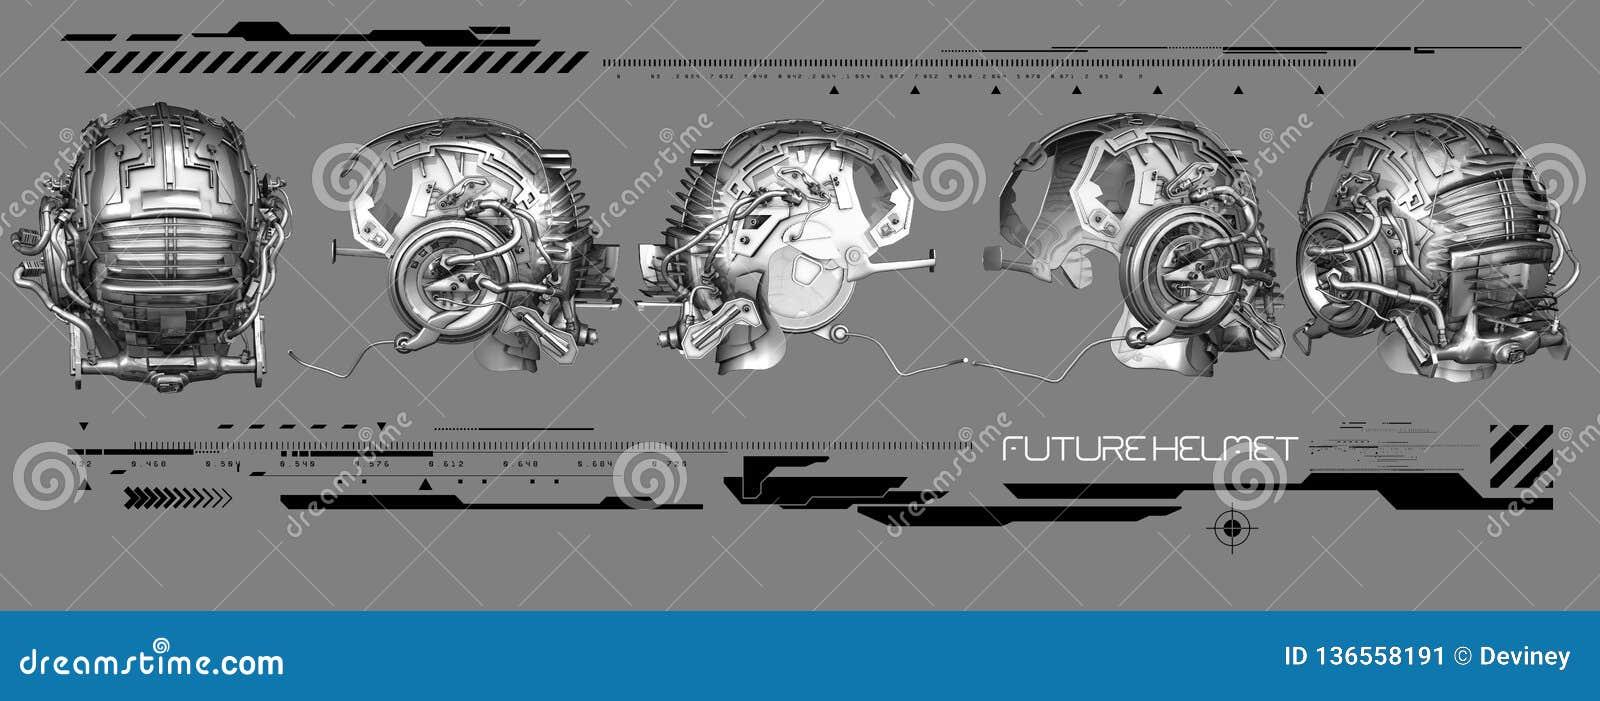 3D chrome helmet illustration